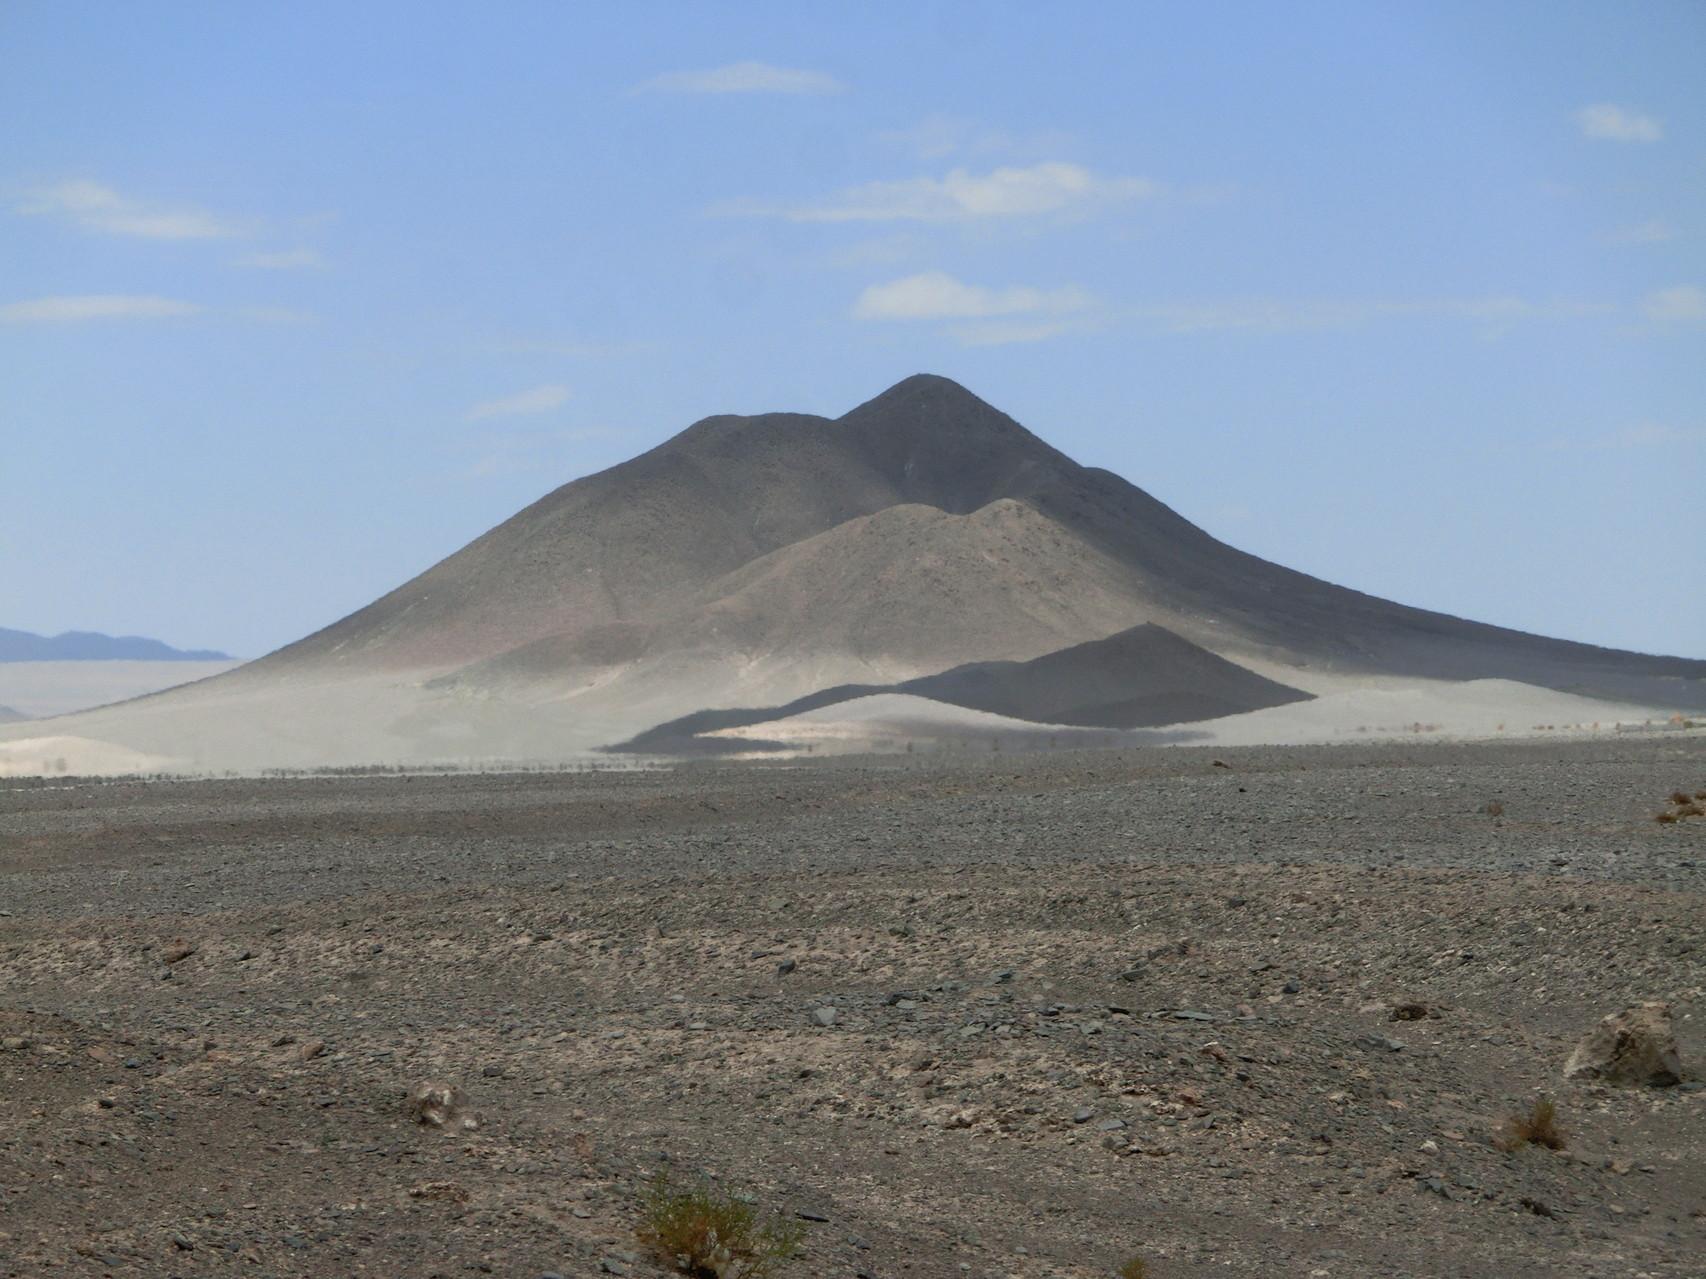 So langsam kommen wir in die schöne Wüste